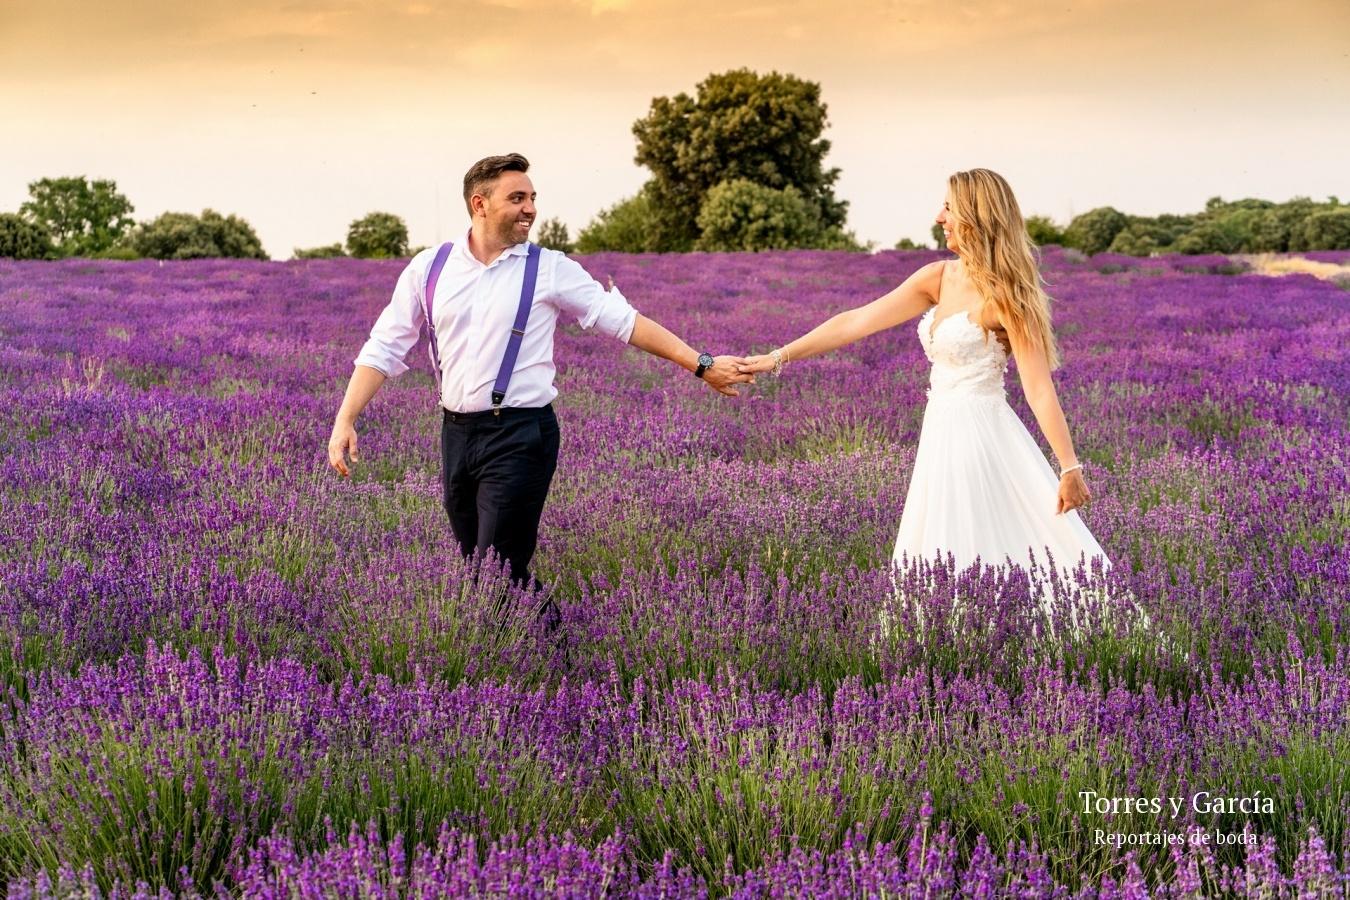 reportaje en los campos de lavanda - Fotografías - Libros y reportajes de boda diferentes.